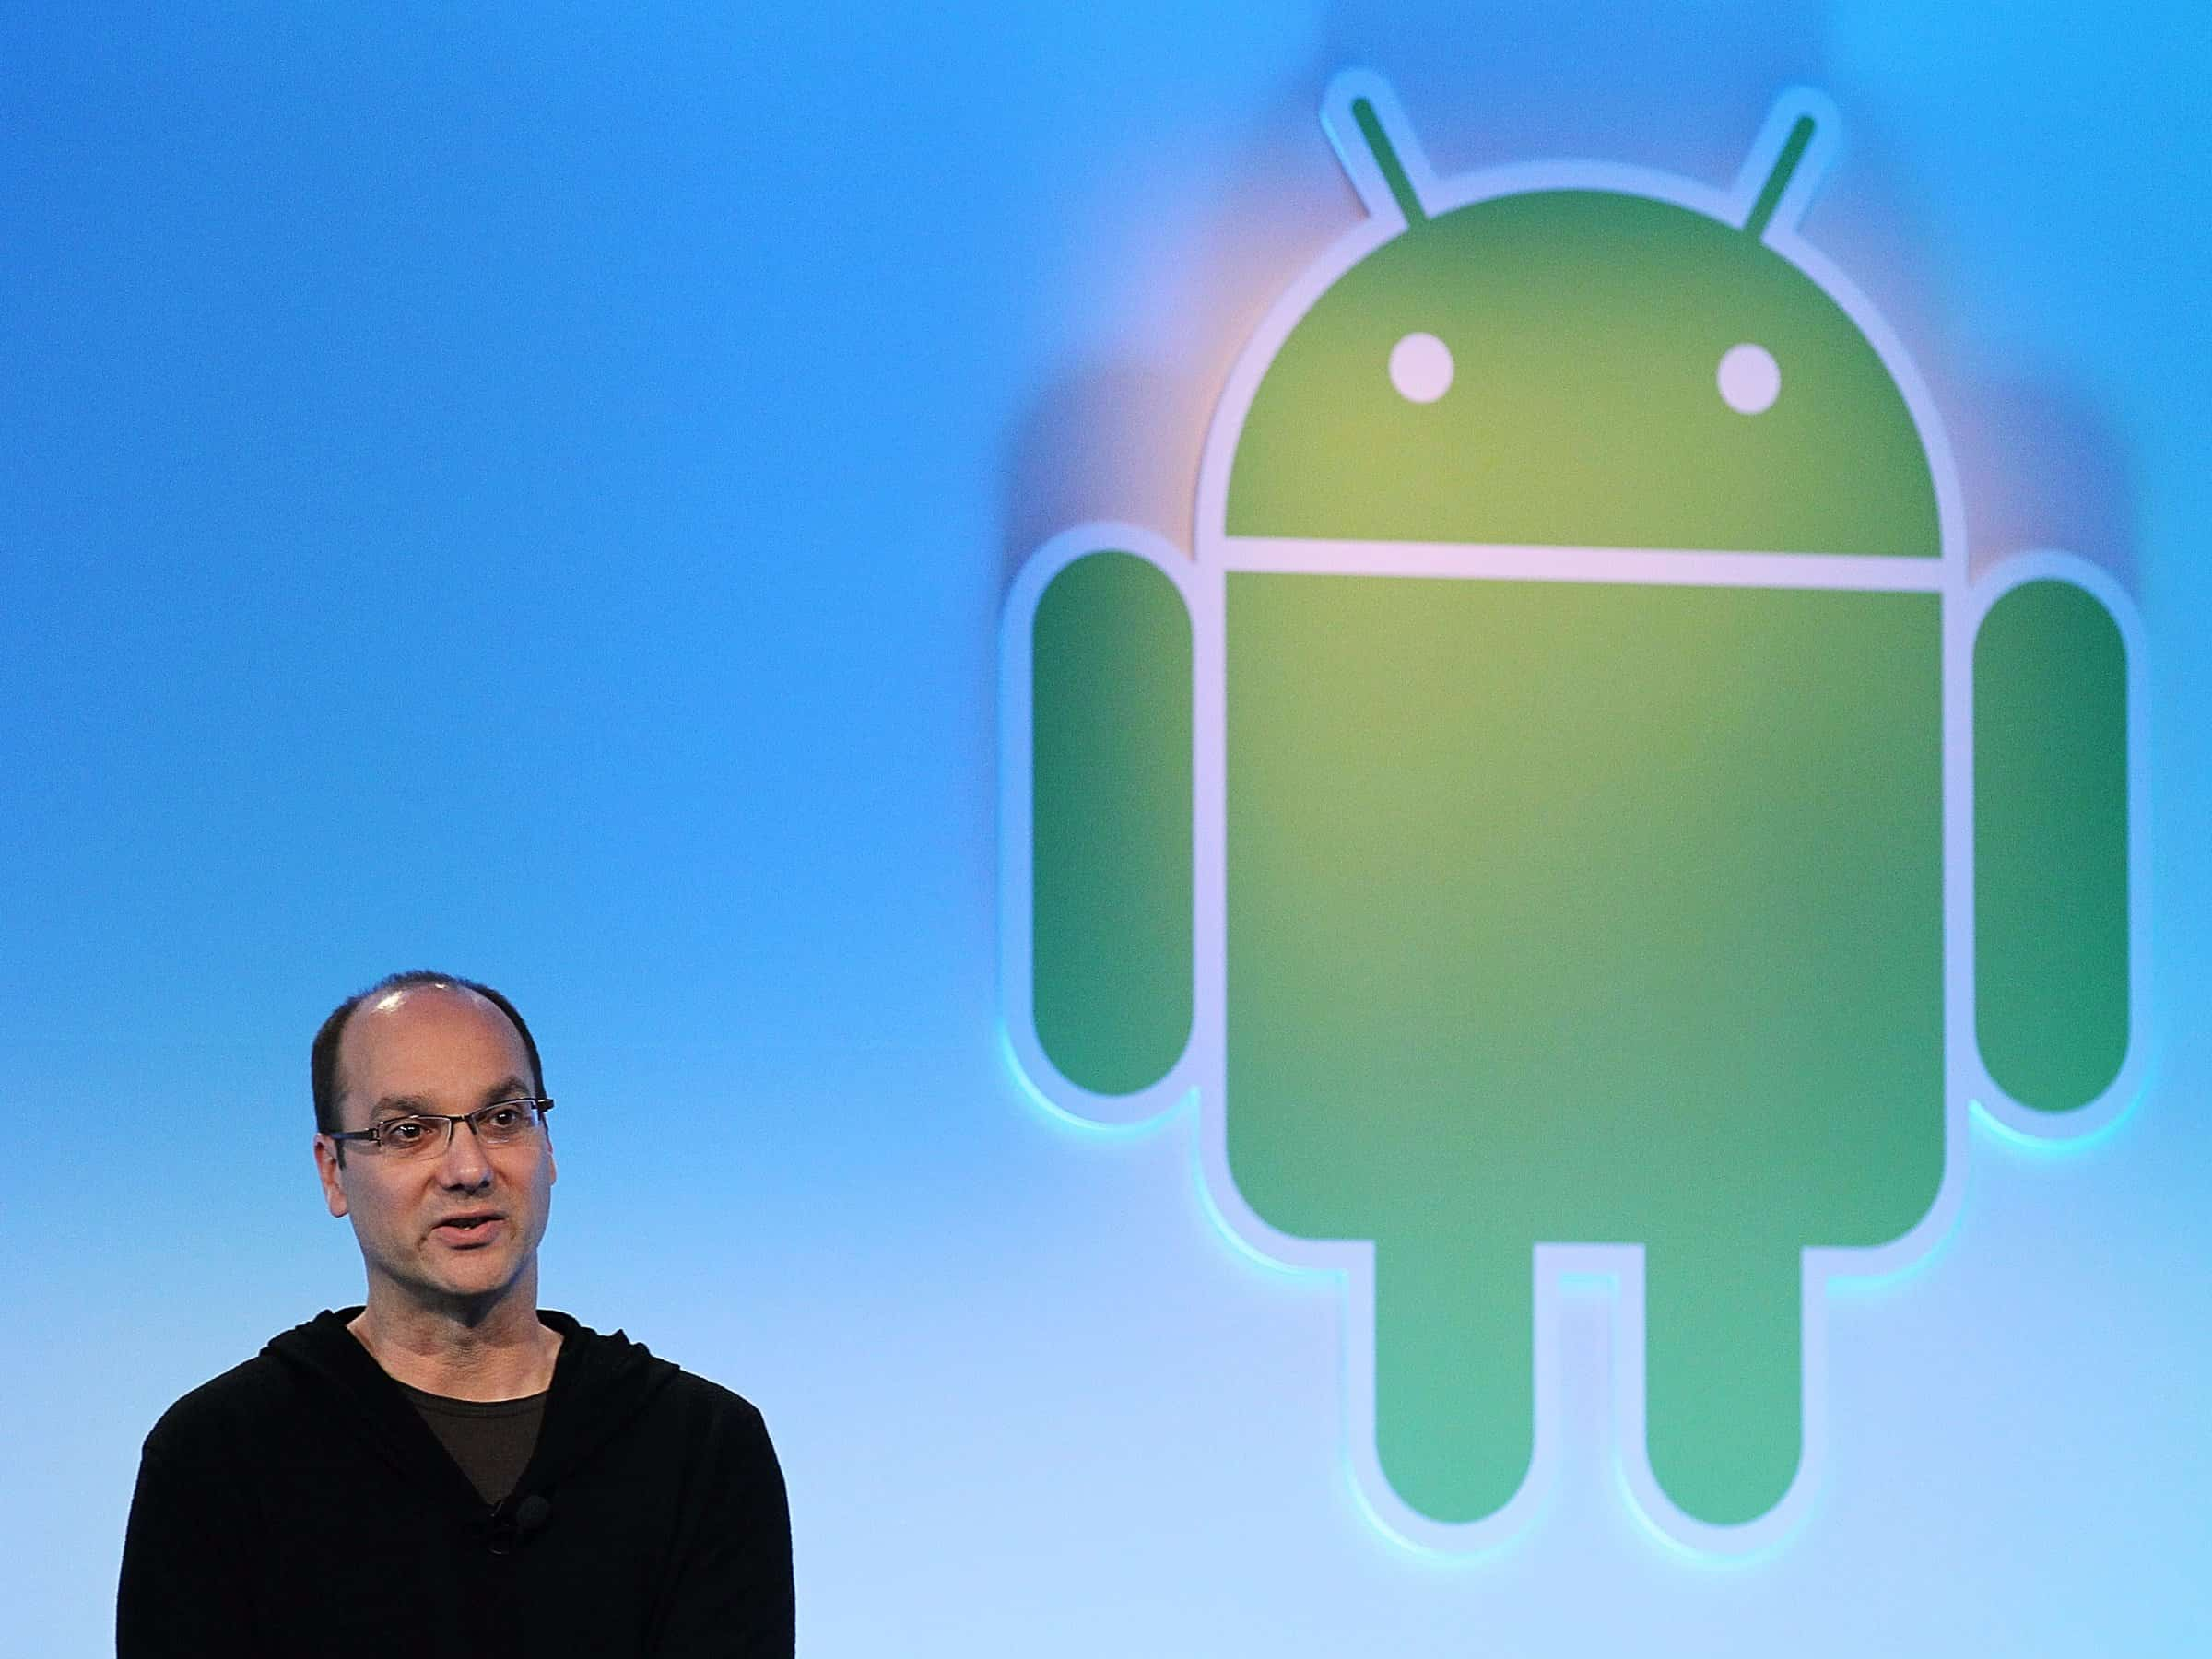 Andy Rubin, criador do Android, vai lançar smartphone de topo: Essential Phone